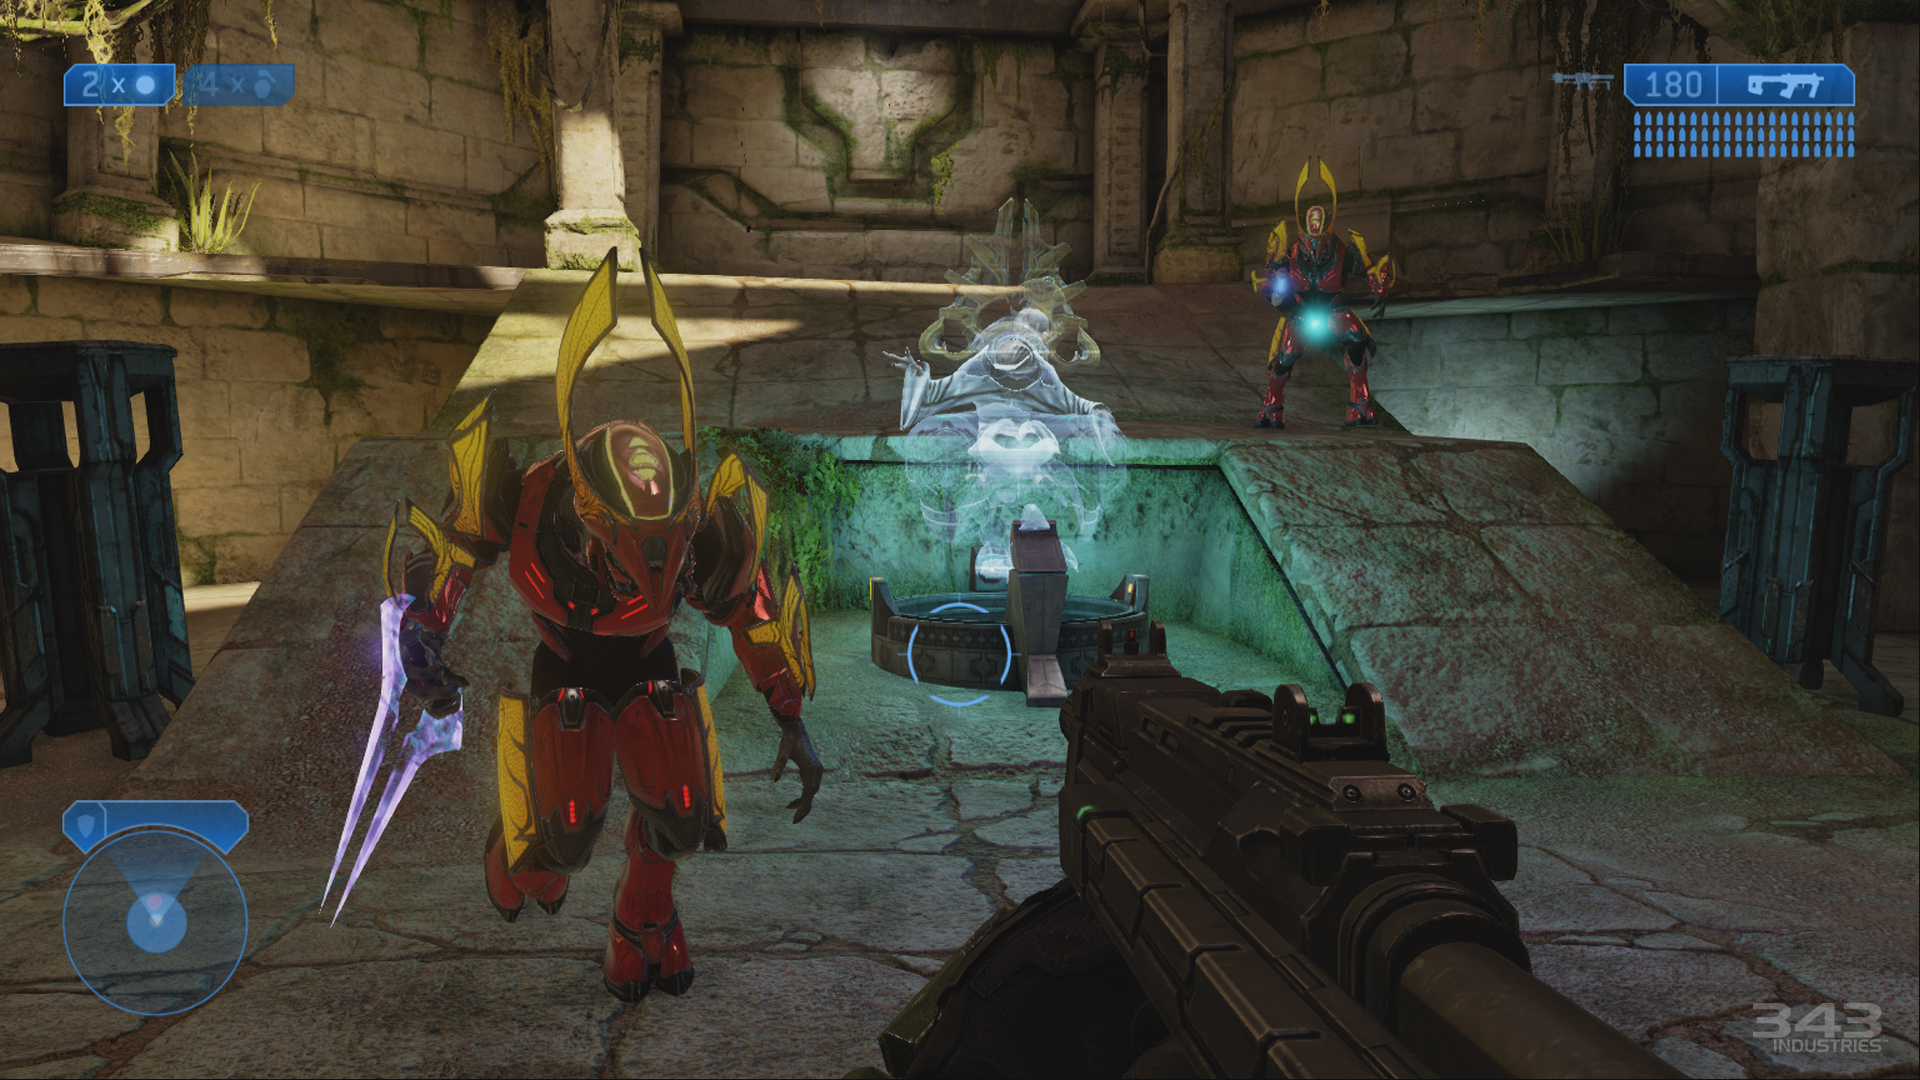 Xbox 360 Games Collection Halo 2 Anniversary Del...